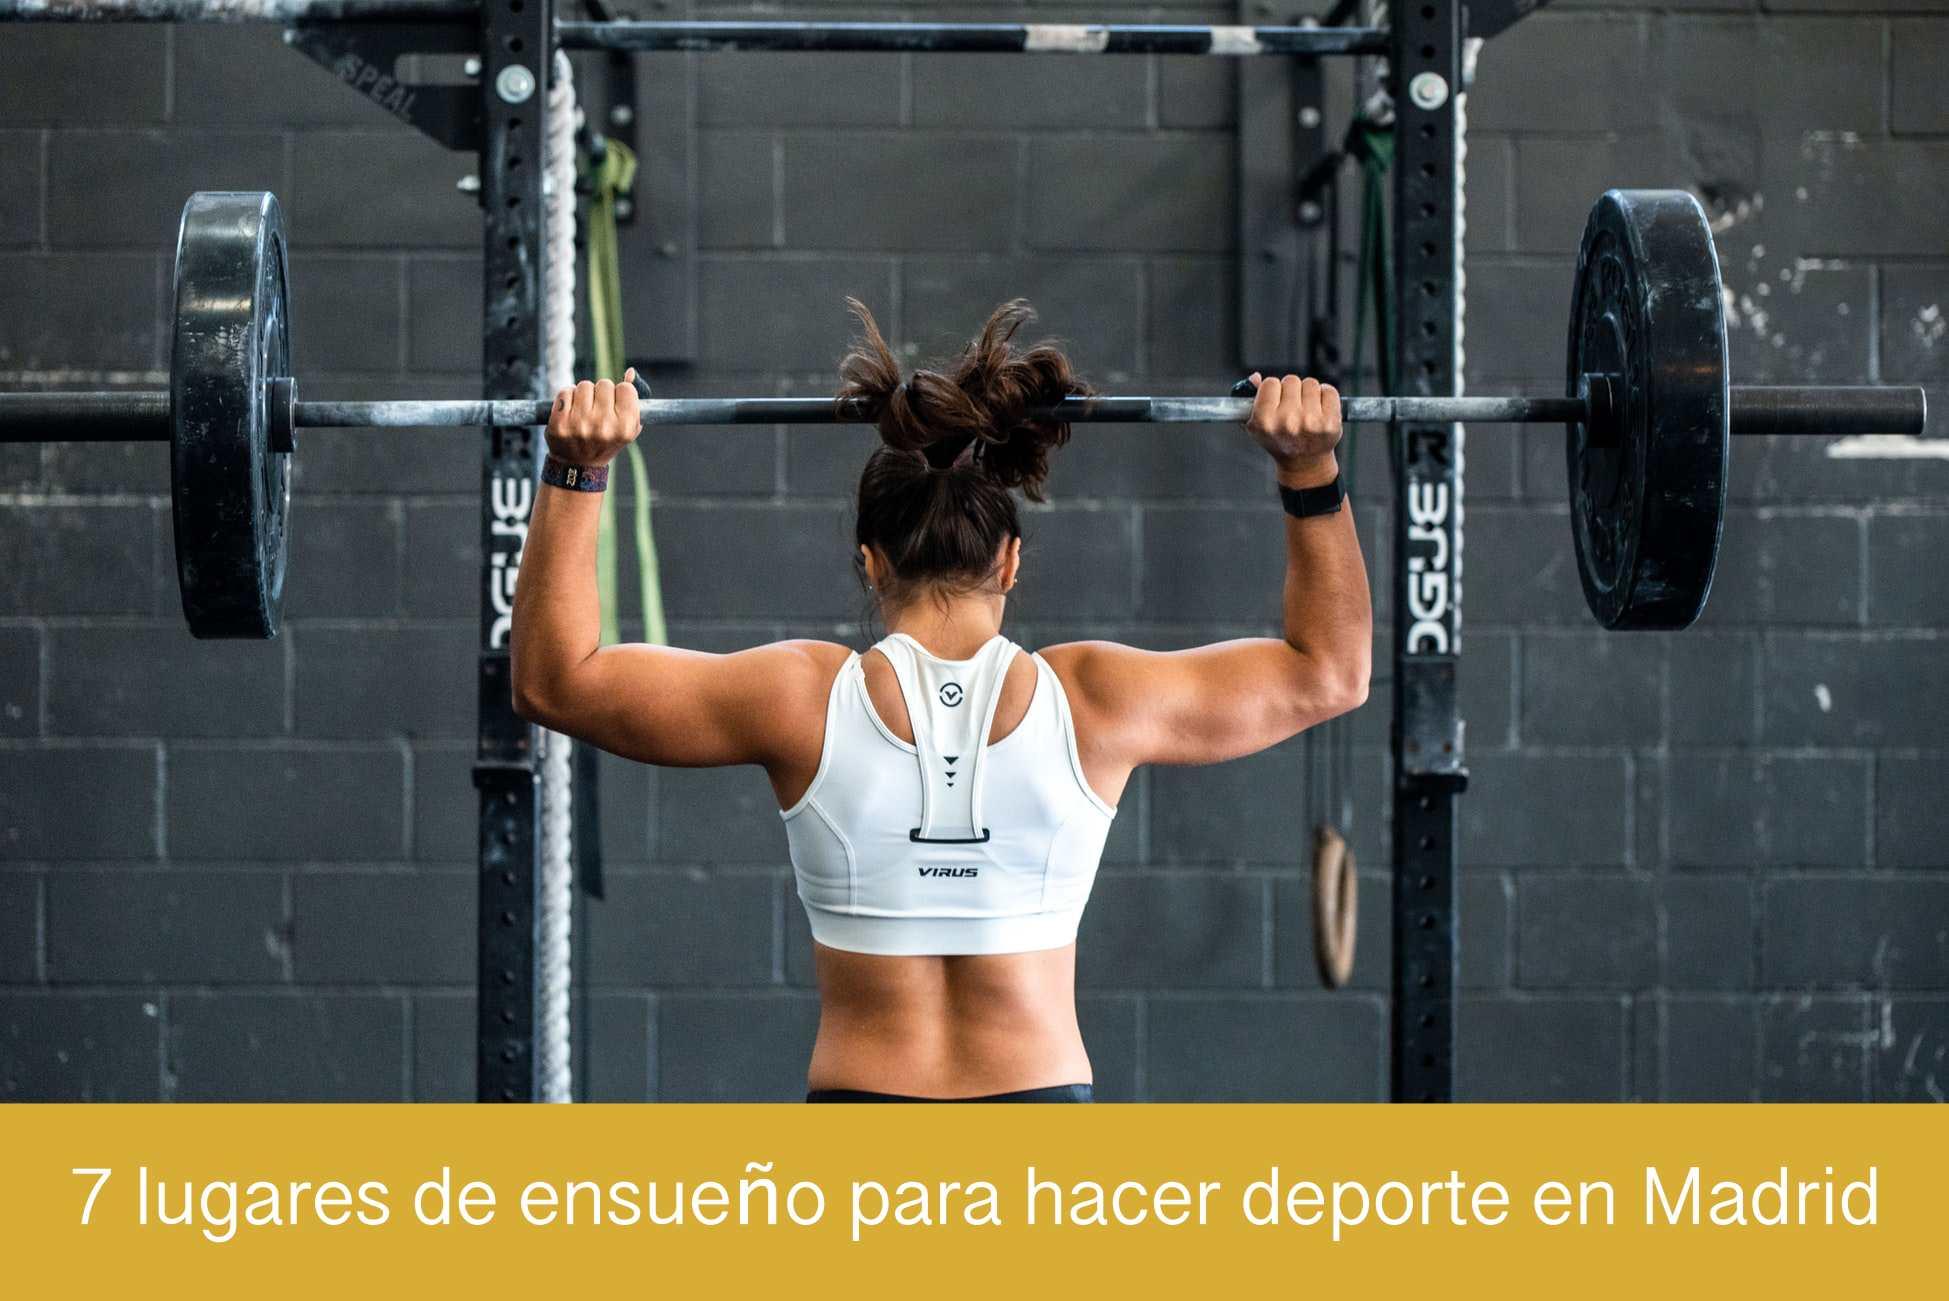 7 lugares de ensueño para hacer deporte en Madrid